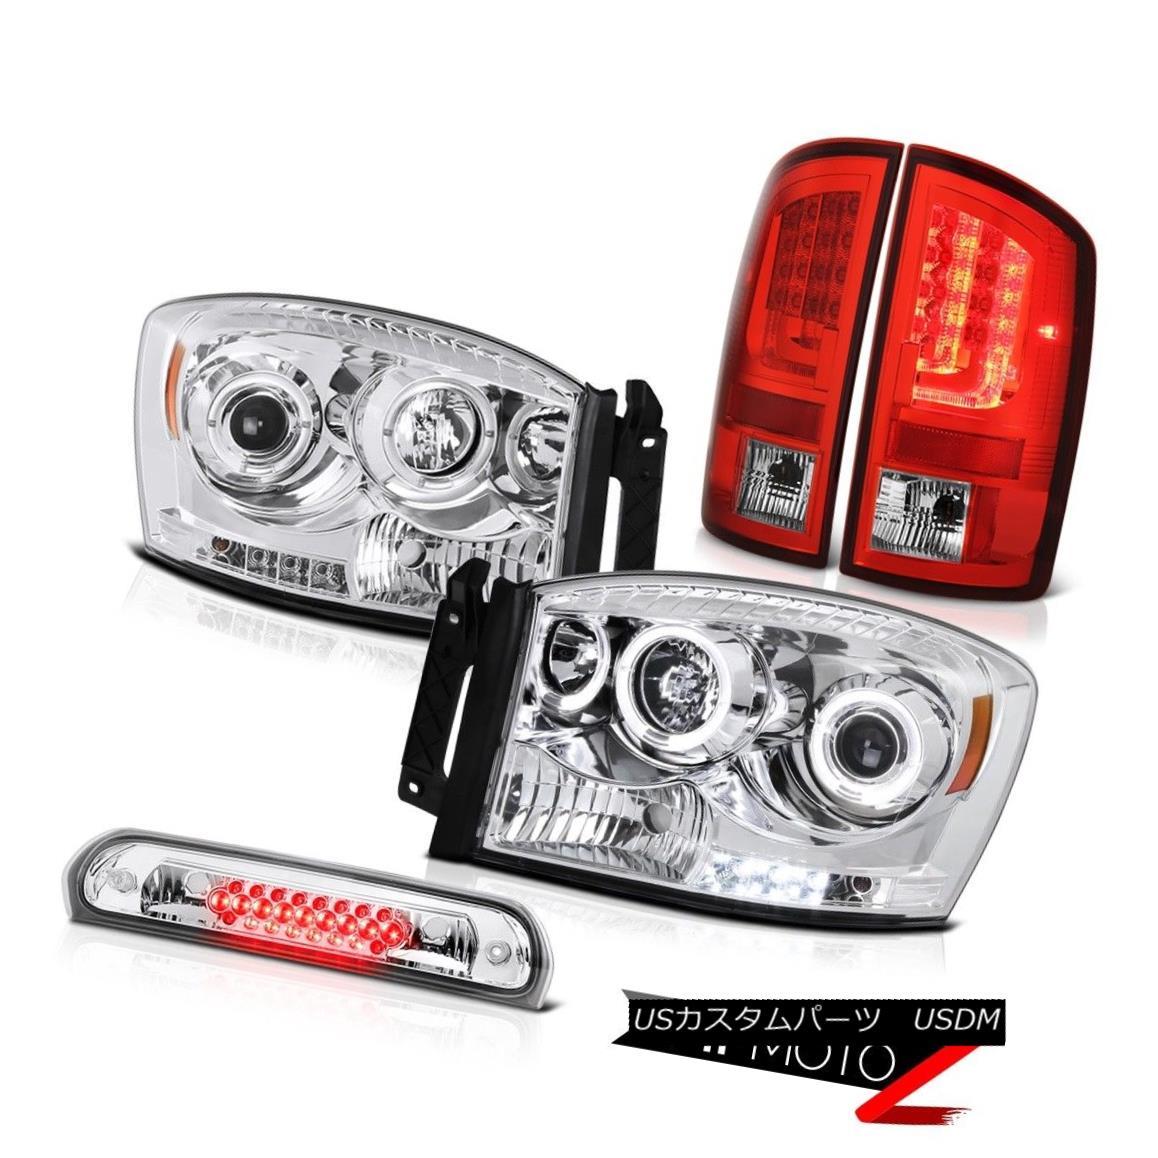 テールライト 07-08 Dodge Ram 1500 ST Rear Brake Lamps Headlights Roof Lamp LED